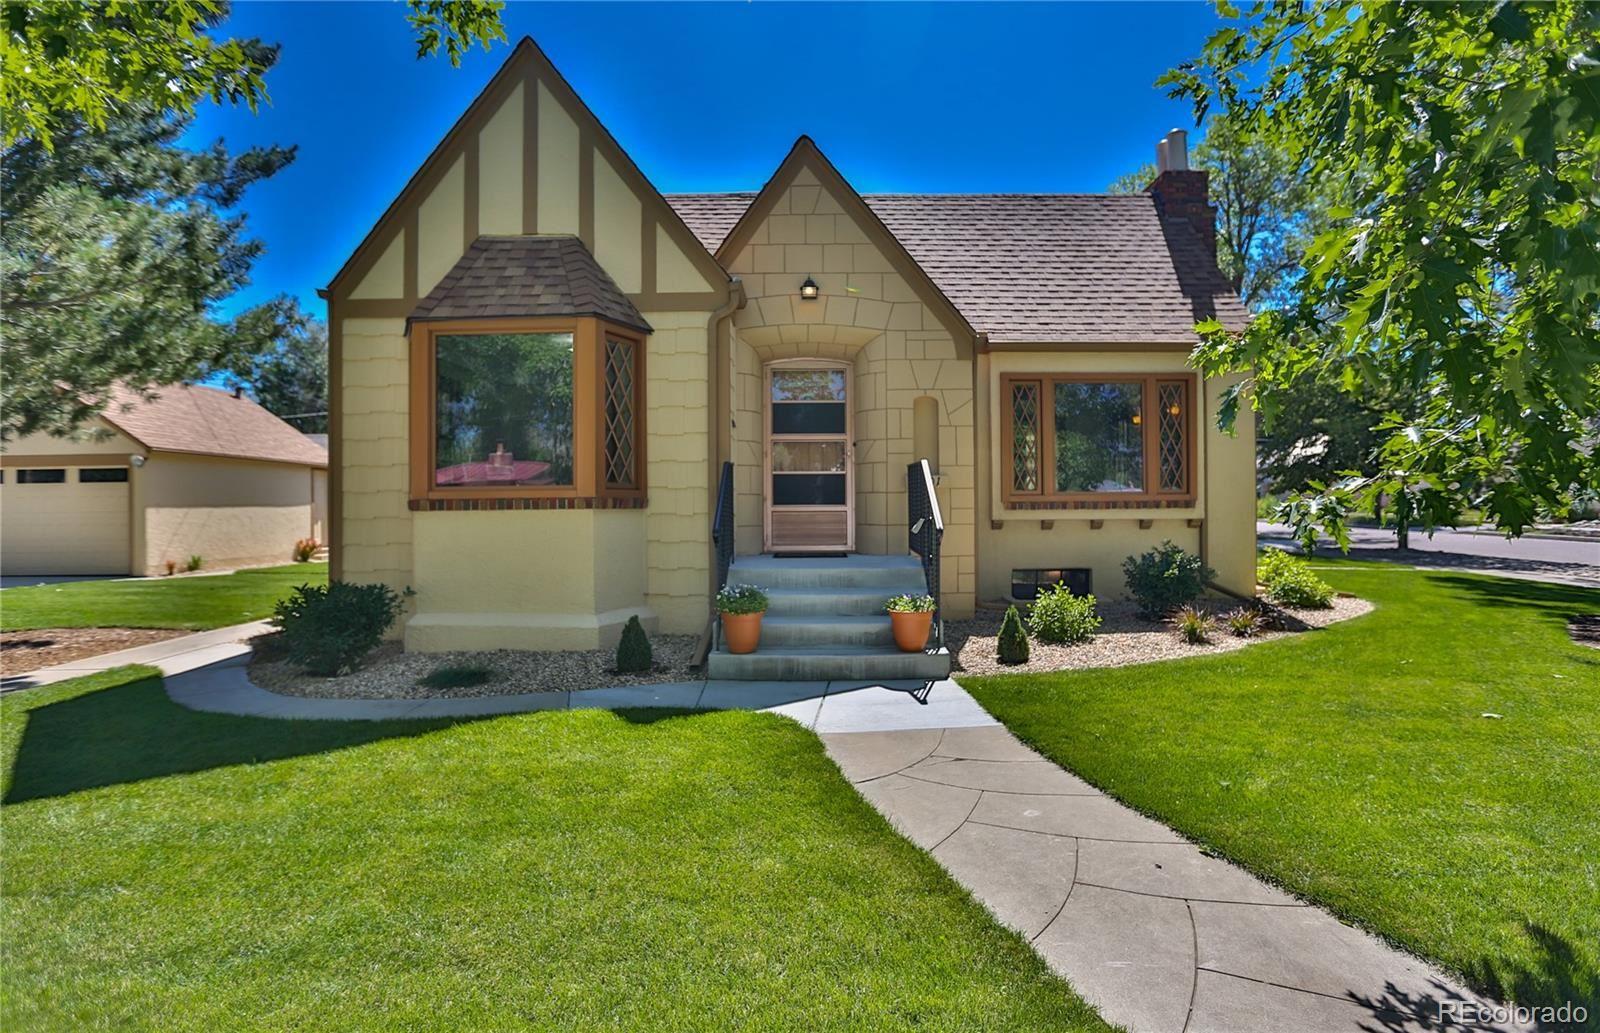 1001 Custer Avenue, Colorado Springs, CO 80903 - #: 2416530